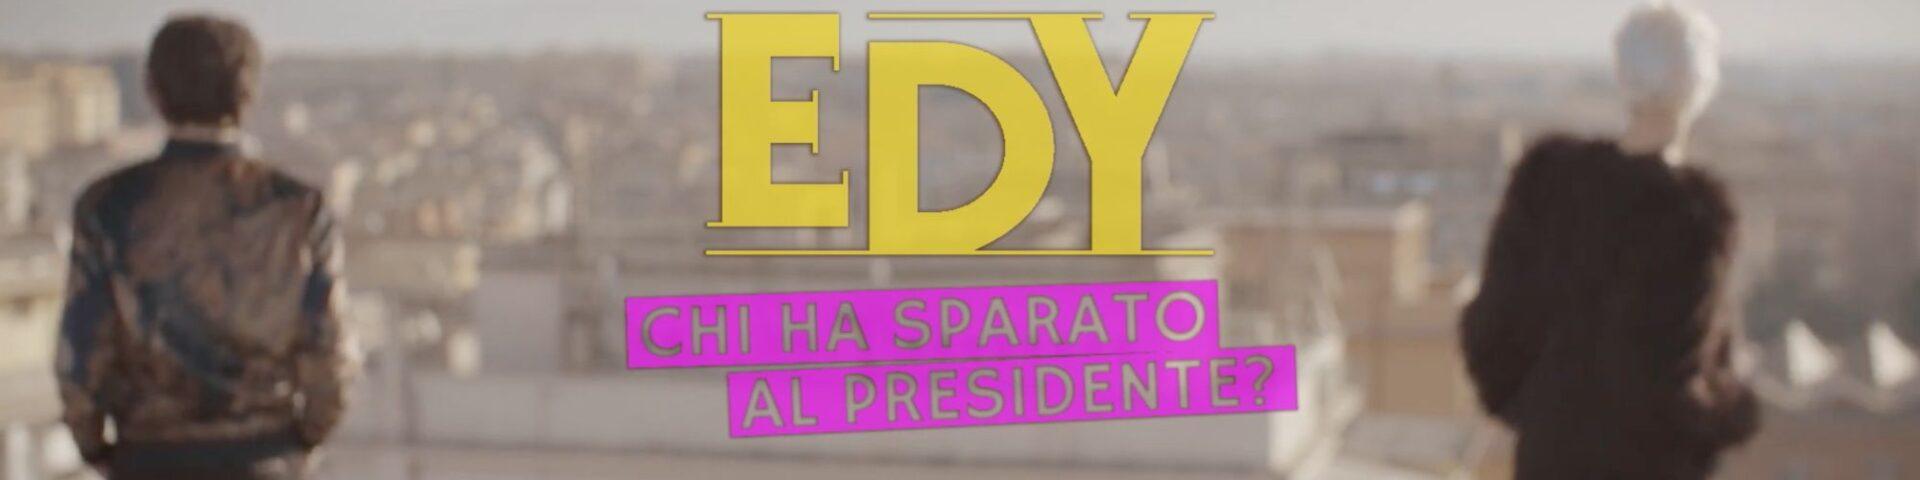 """Edy presenta """"Chi ha sparato al Presidente?"""": la video intervista"""